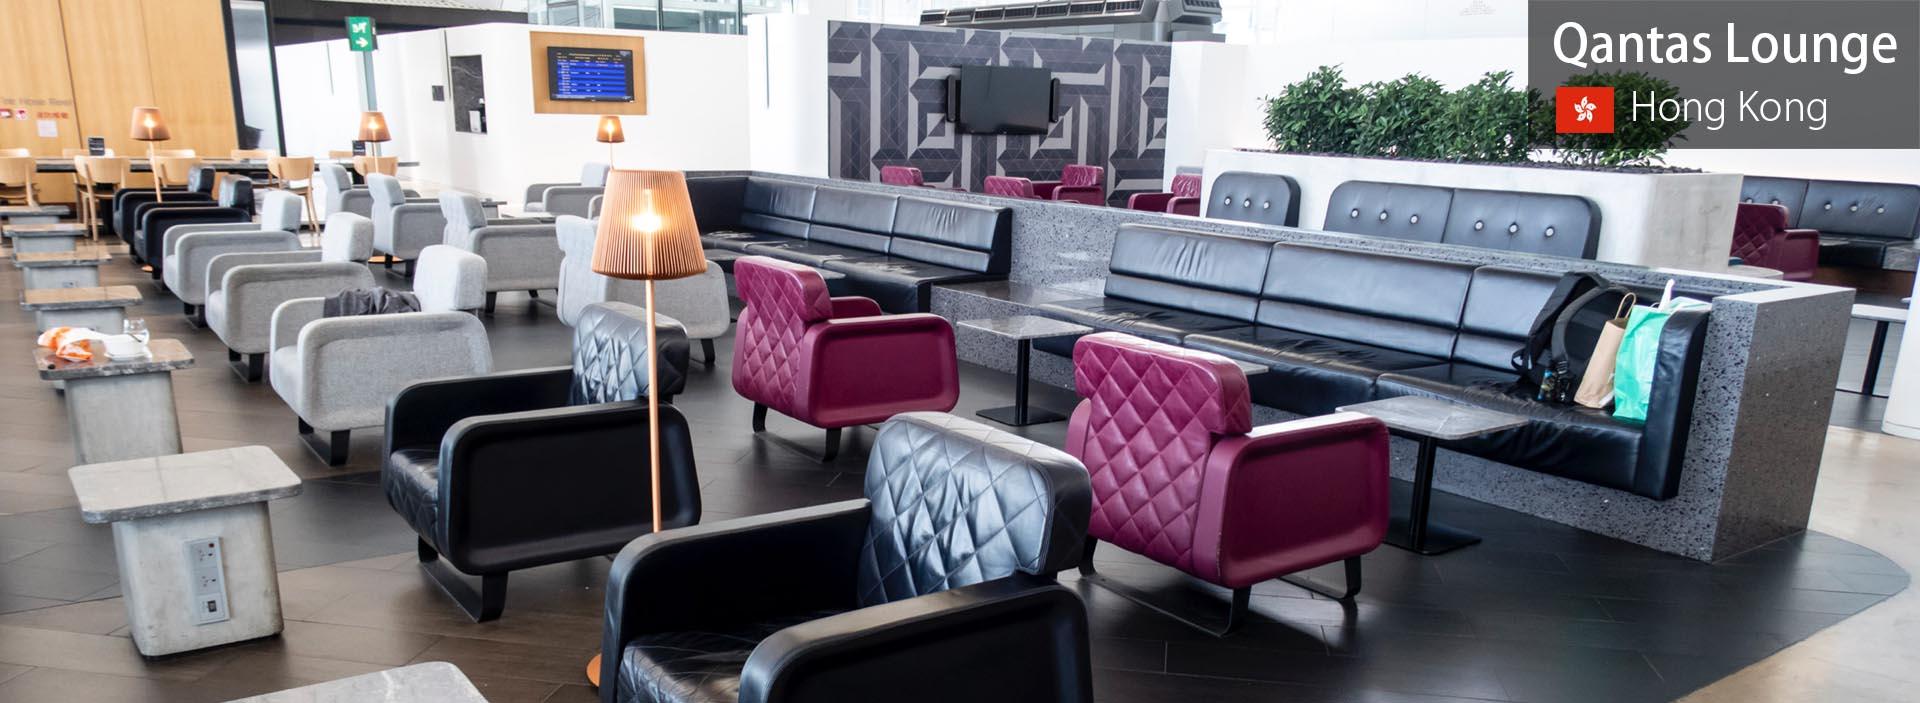 Review: The Qantas Hong Kong Lounge